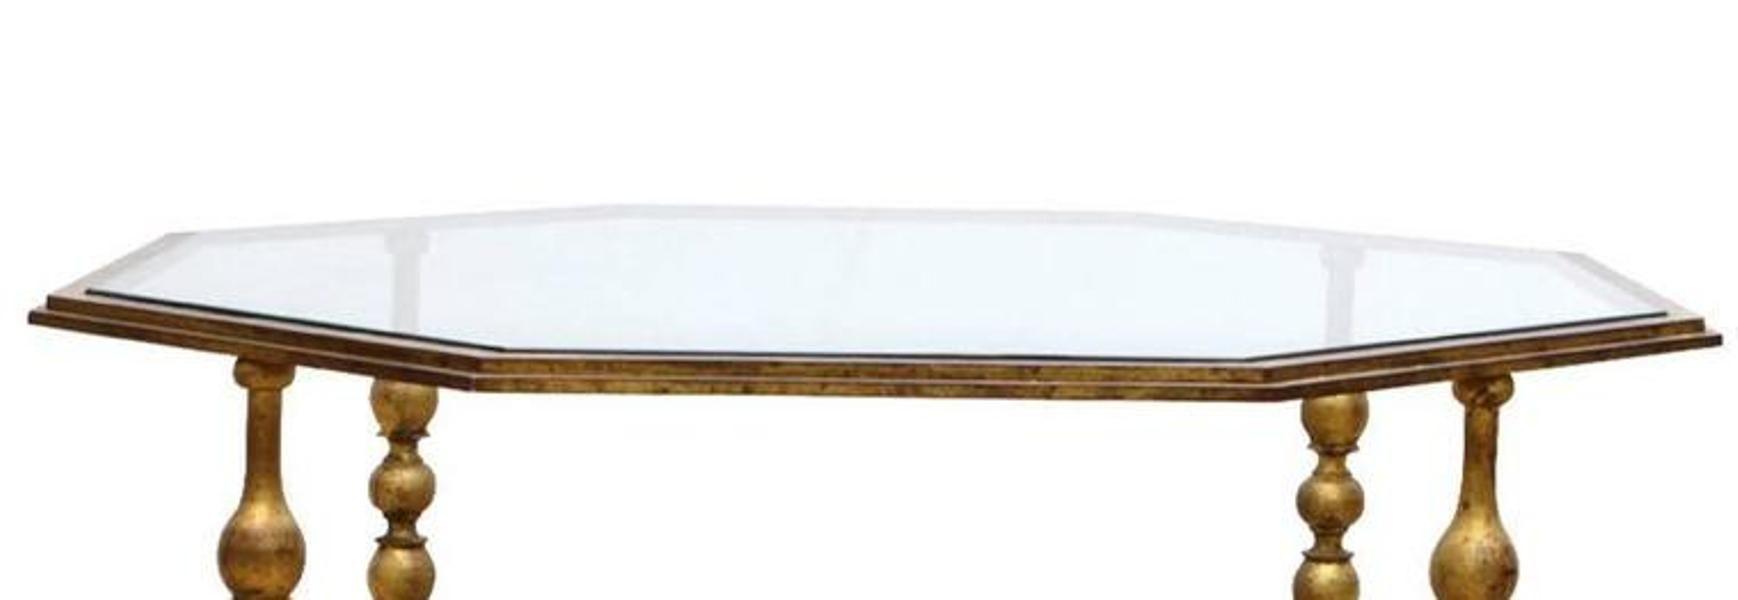 Niedriger achteckiger couchtisch 1940er bei pamono kaufen for Niedriger couchtisch